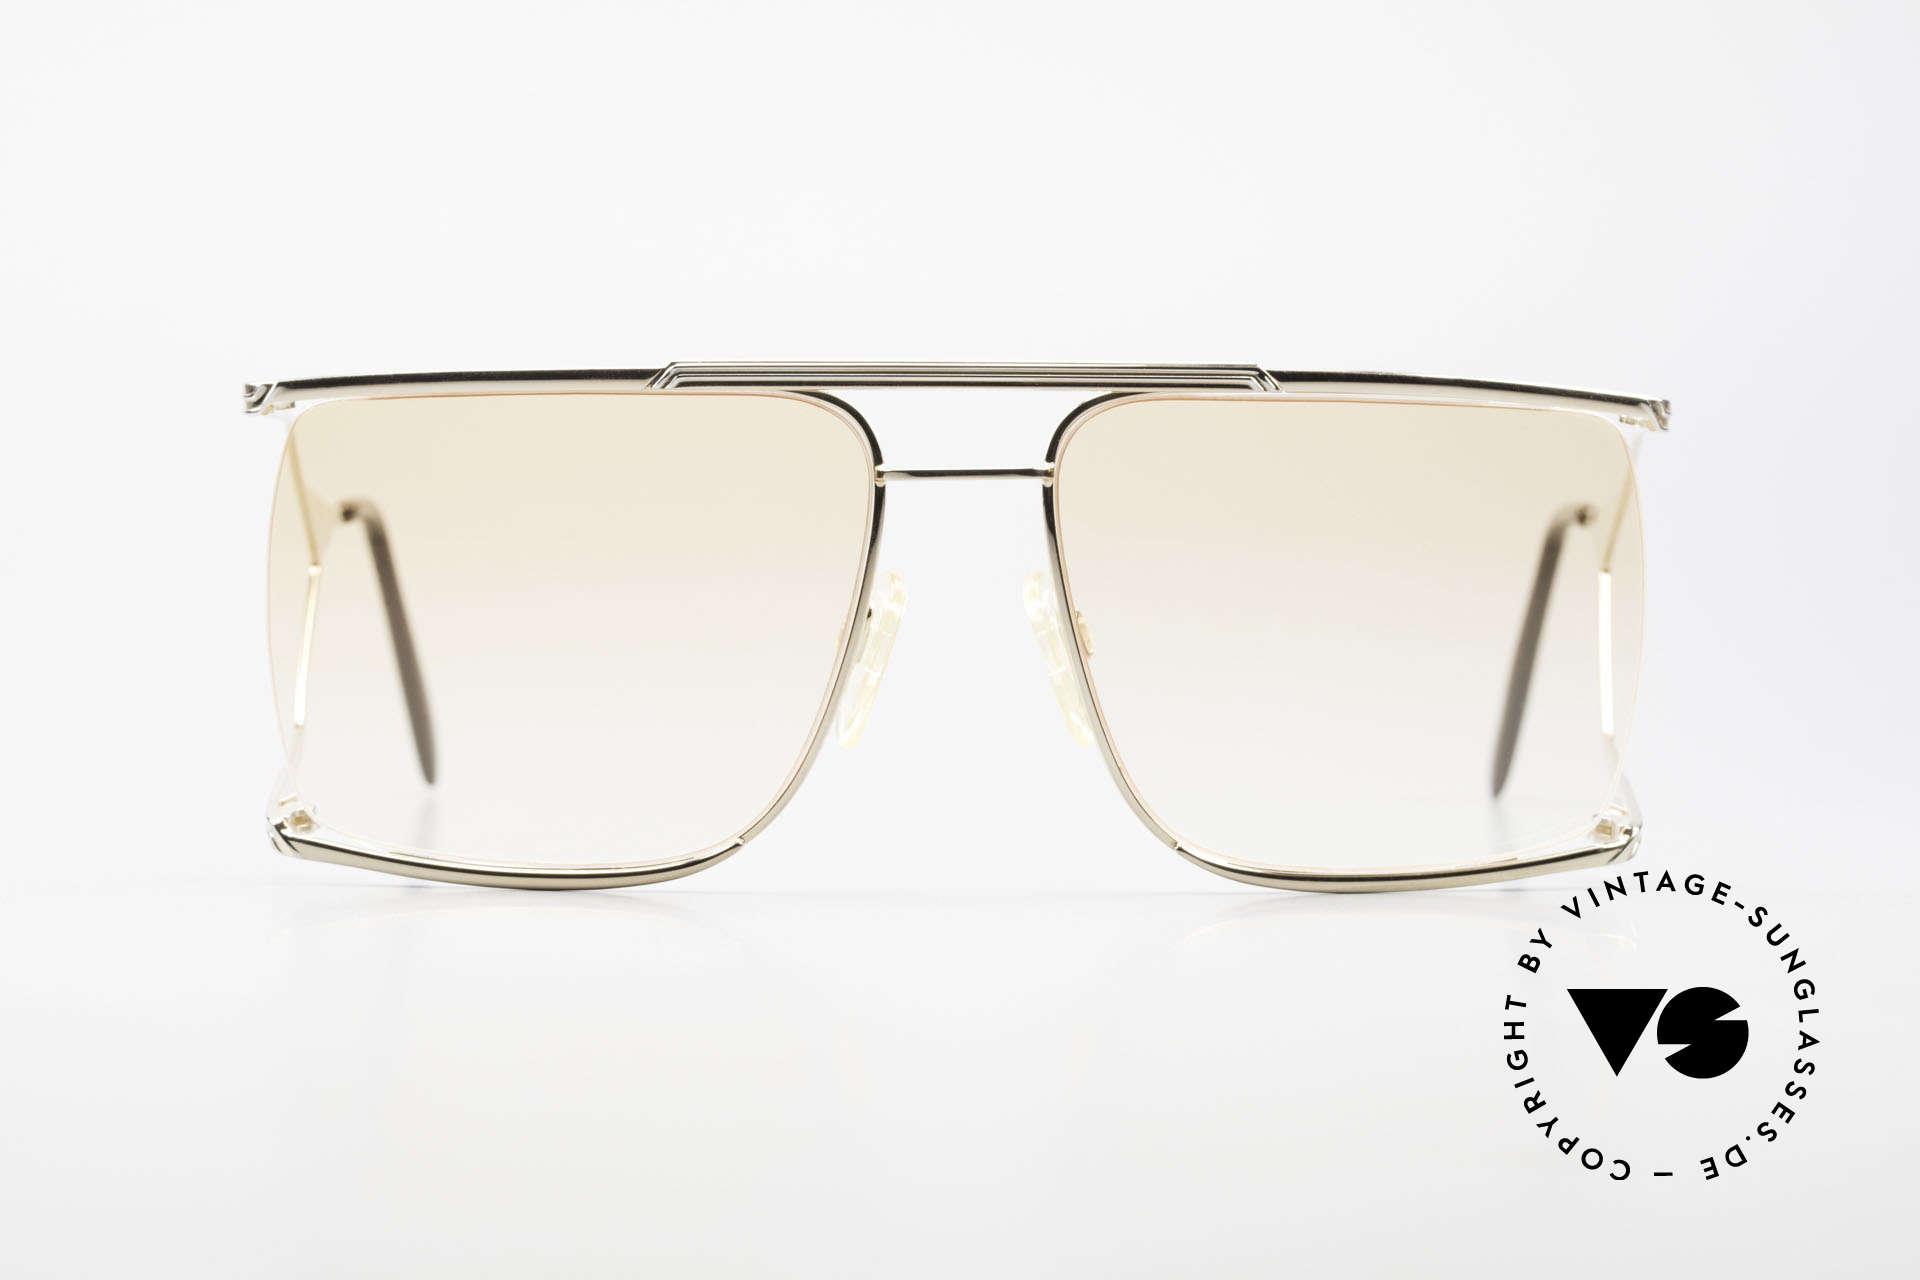 Neostyle Nautic 6 Miami Vice Vintage Brille 80er, extrem ausgefallenes Design mit markanten Bügeln, Passend für Herren